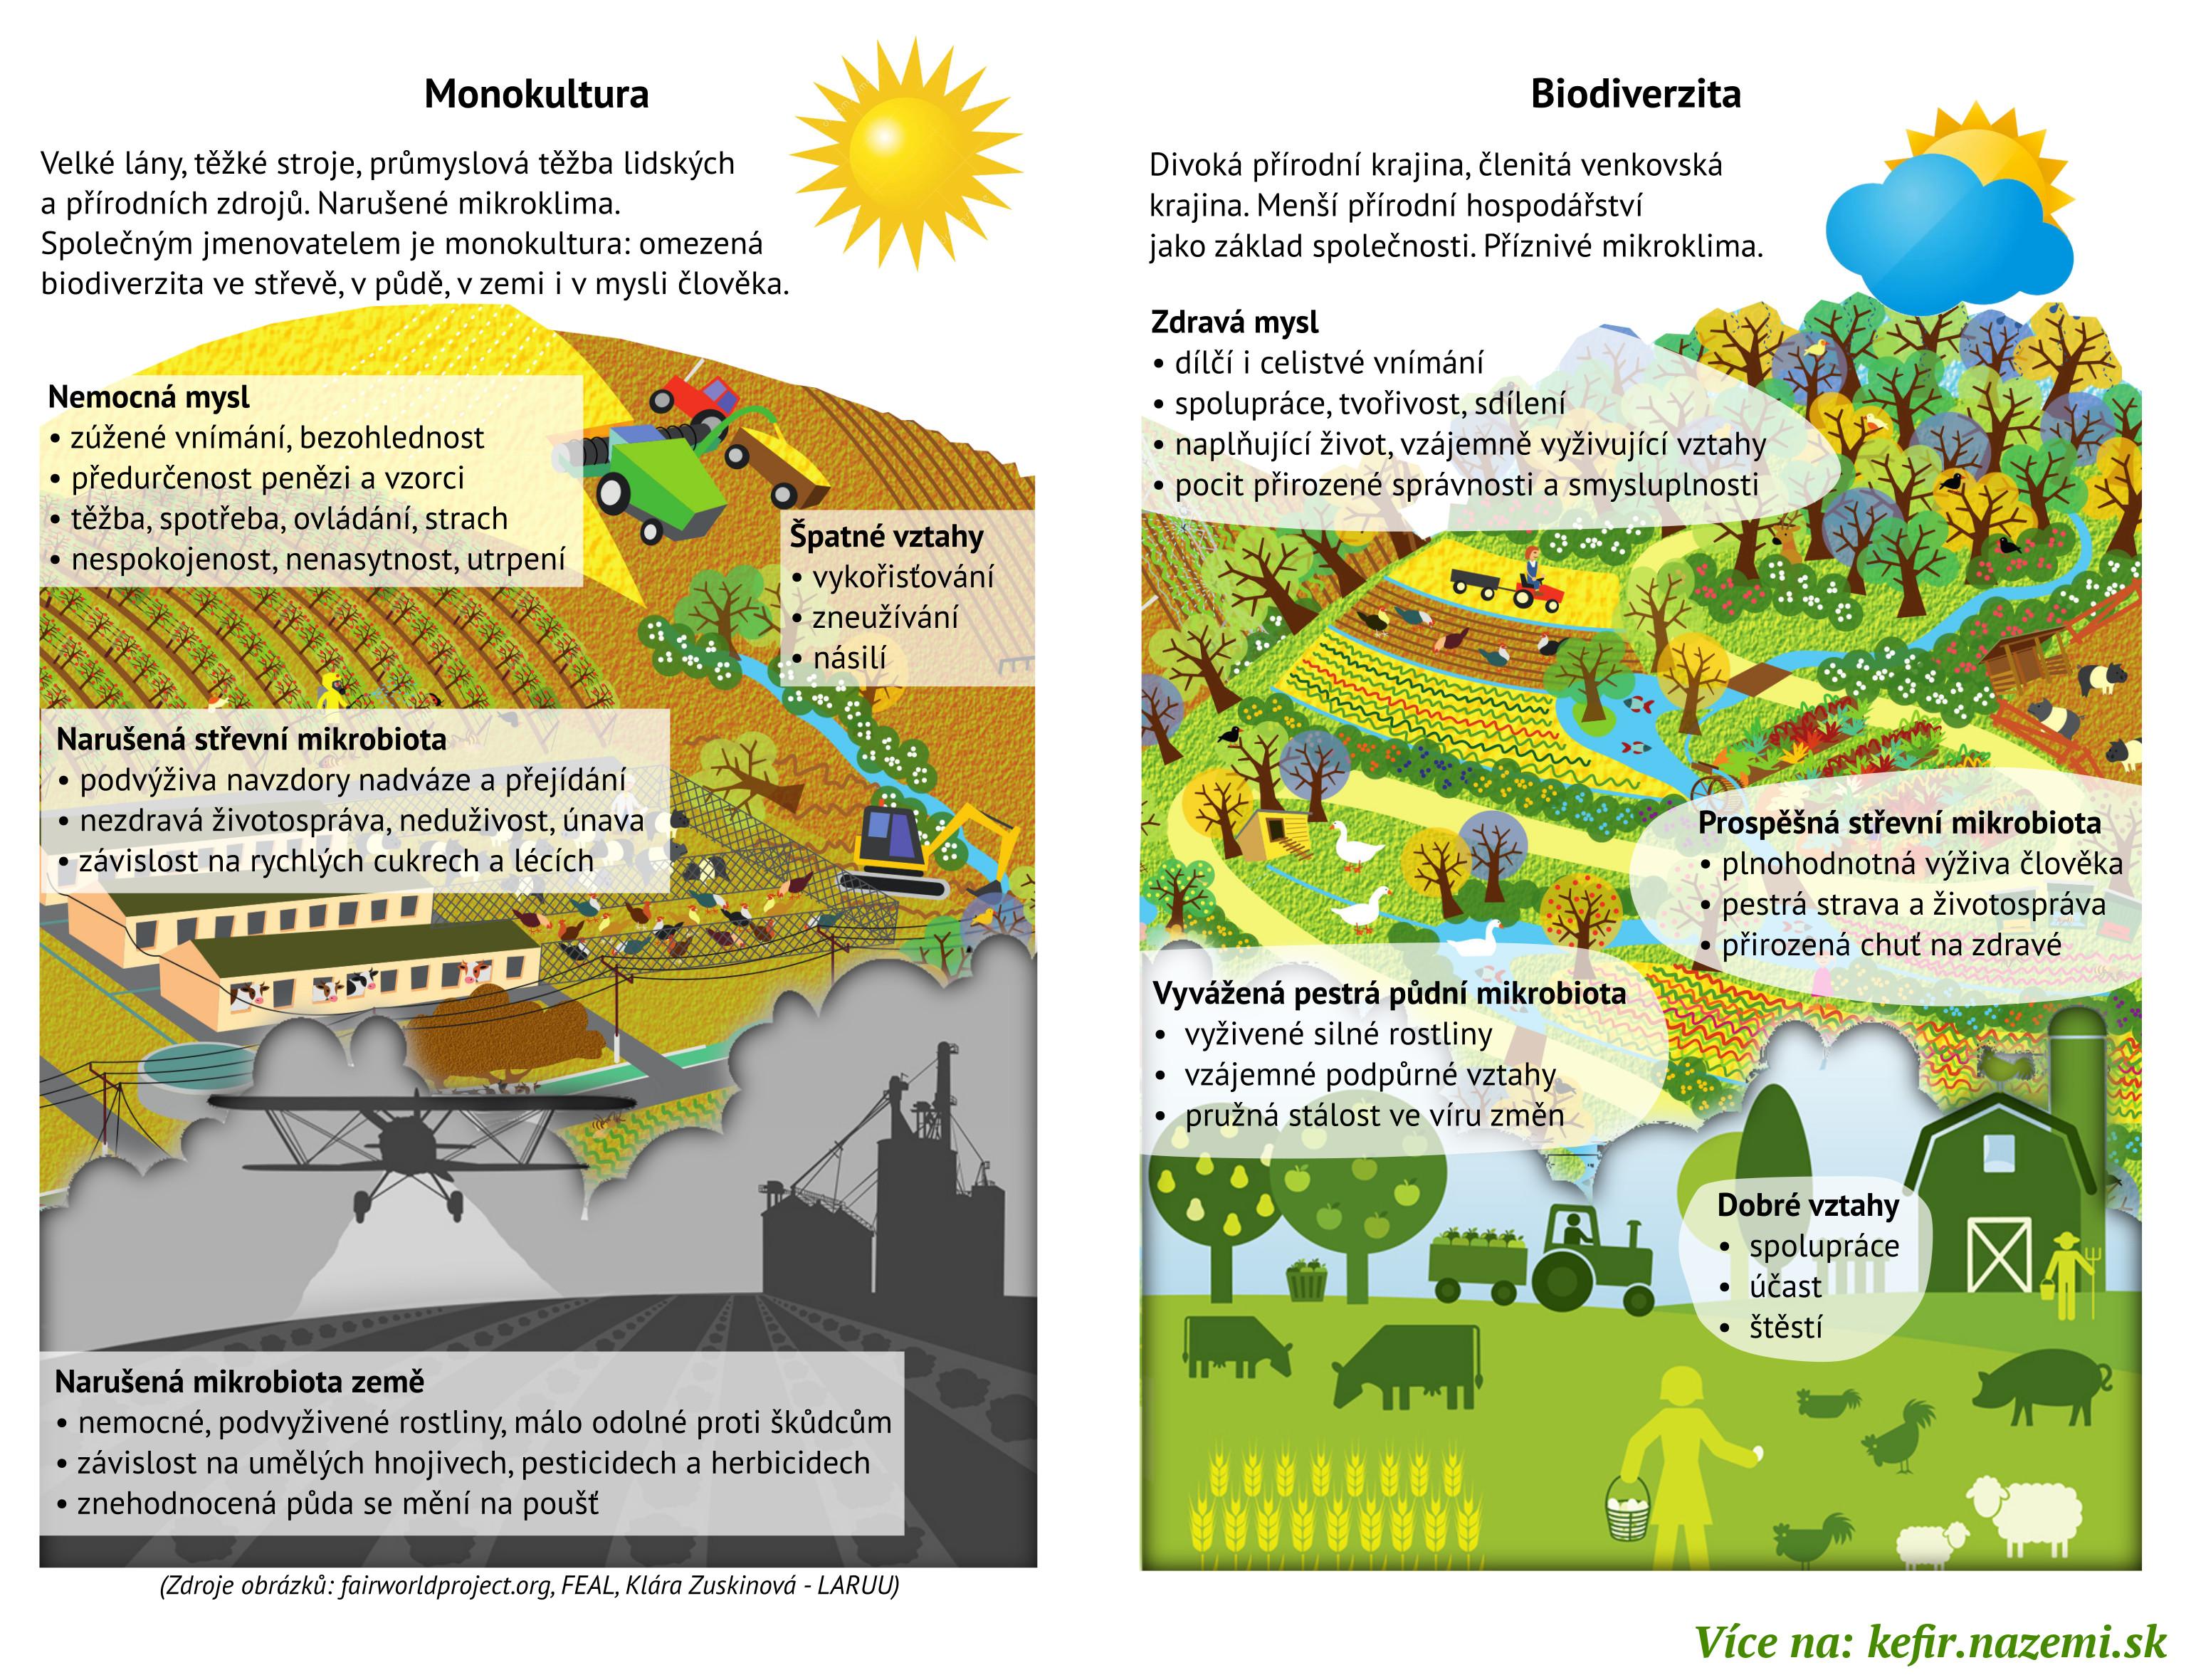 Infografika: Monokultura a Biodiverzita